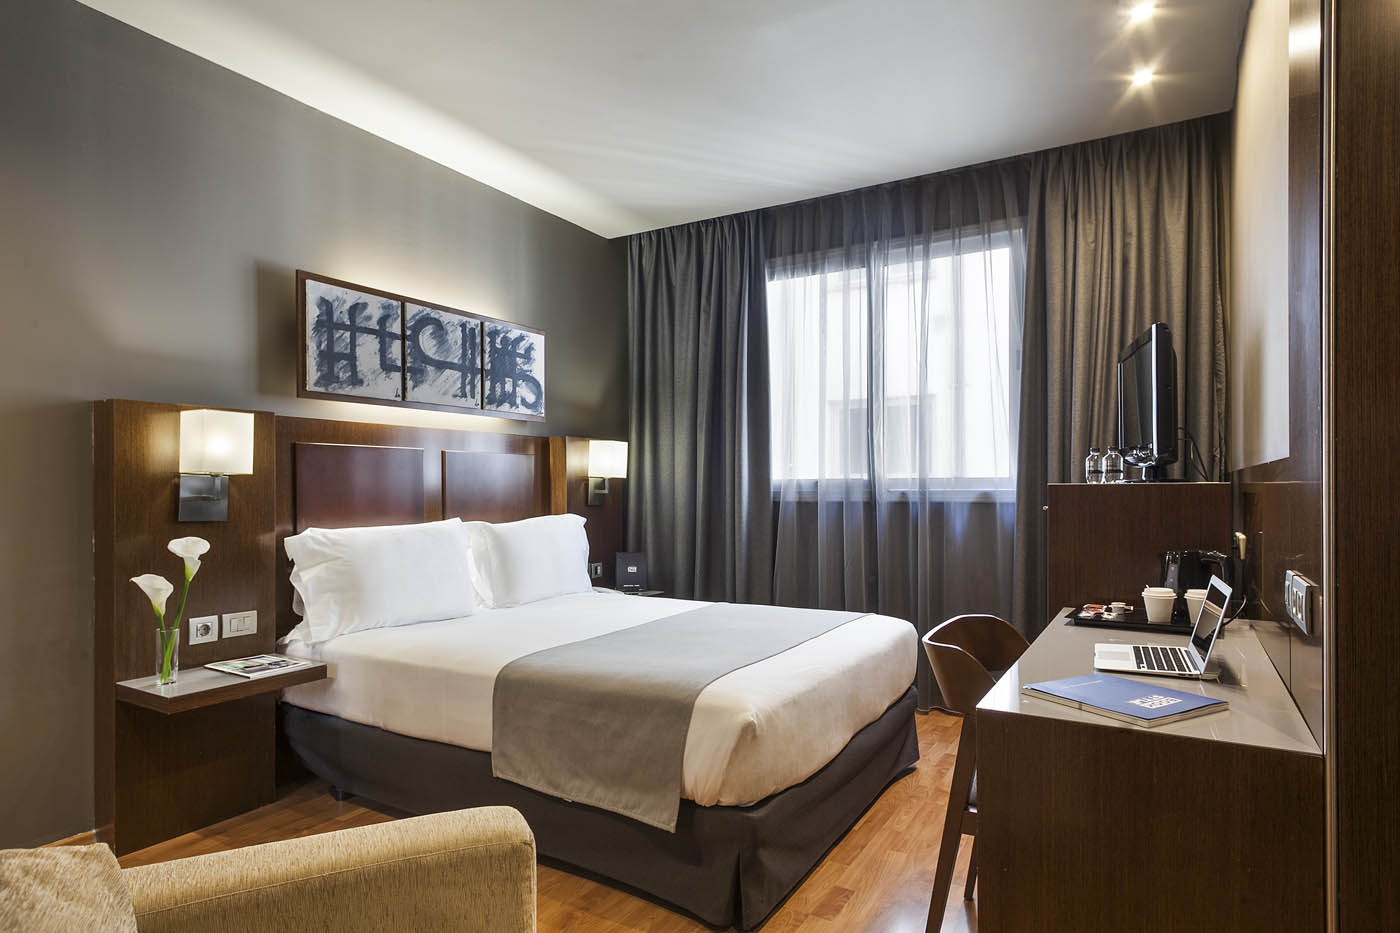 Hotel acta atrium palace hotel en el centro de barcelona for Diseno de apartamento de una habitacion